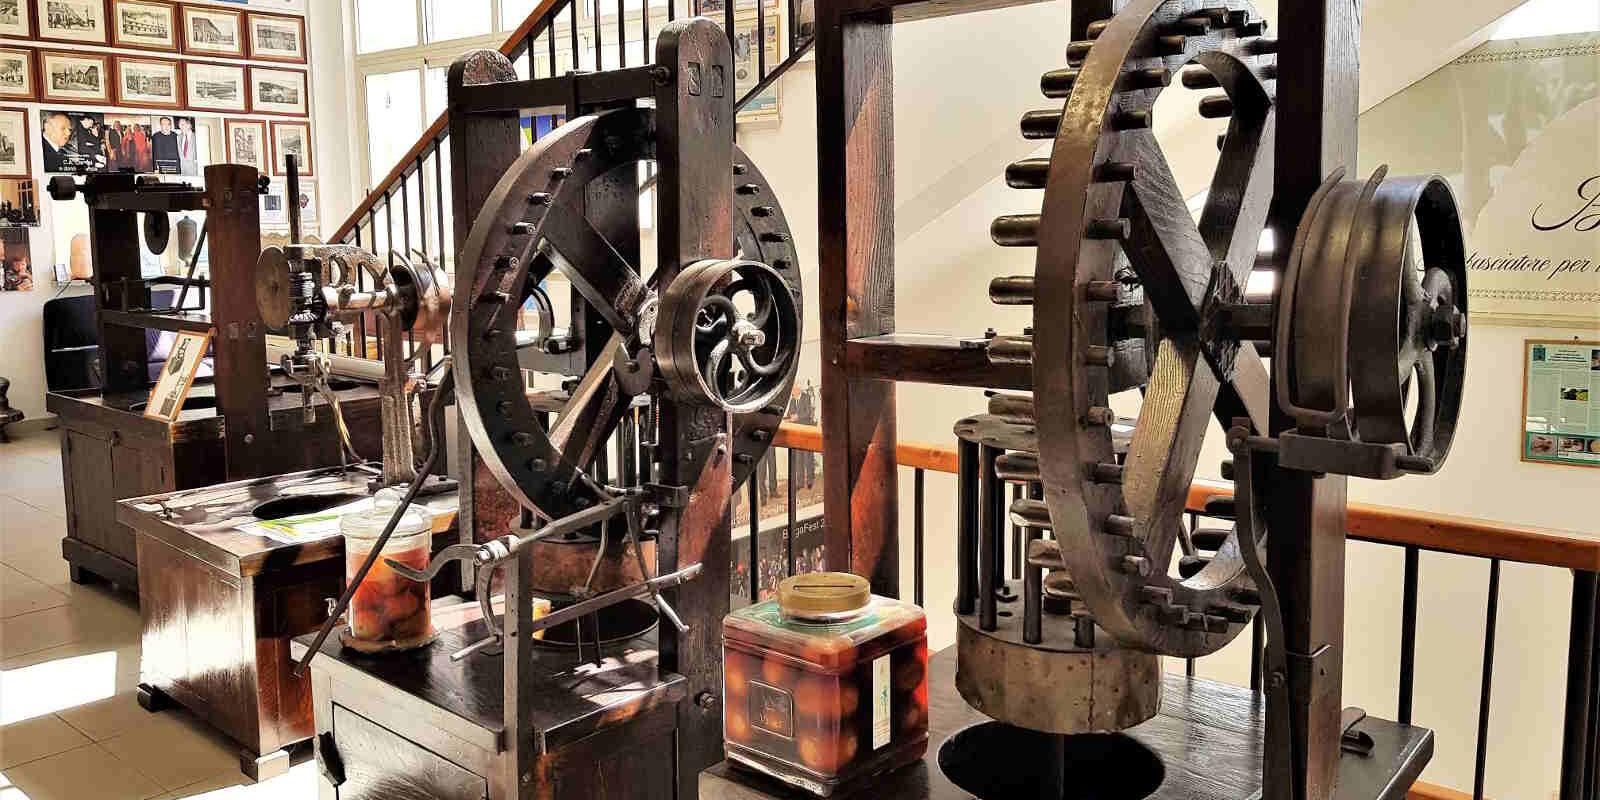 perchè visitare il Museo del Bergamotto a Reggio Calabria-antiche macchine calabresi del 1800 per l'estrazione dell'olio essenziale del Bergamotto